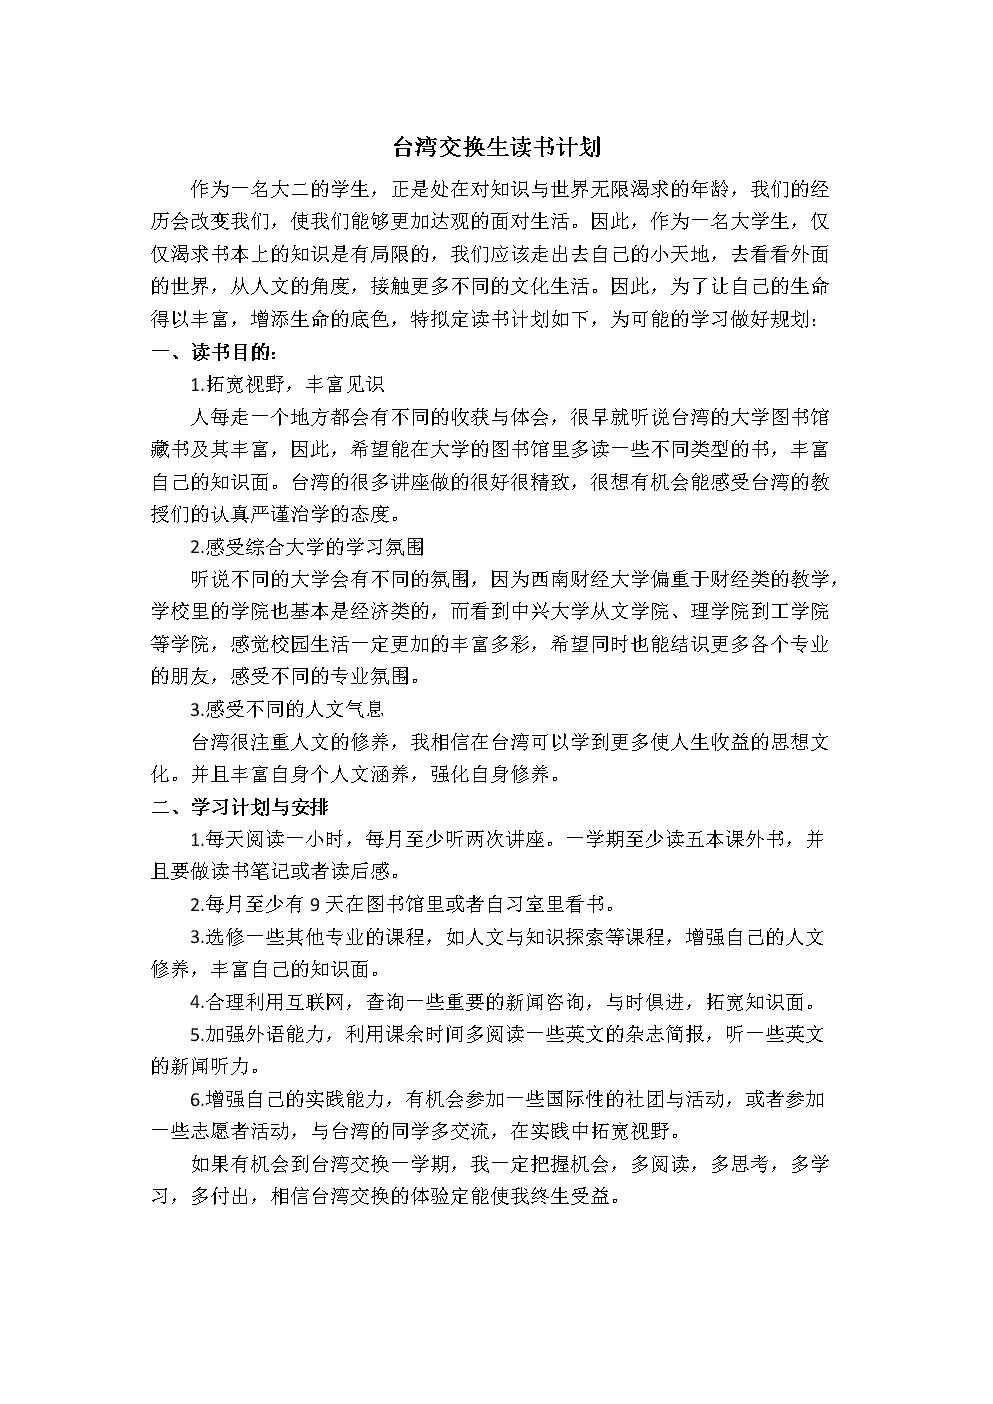 台湾交换项目读书计划-.doc